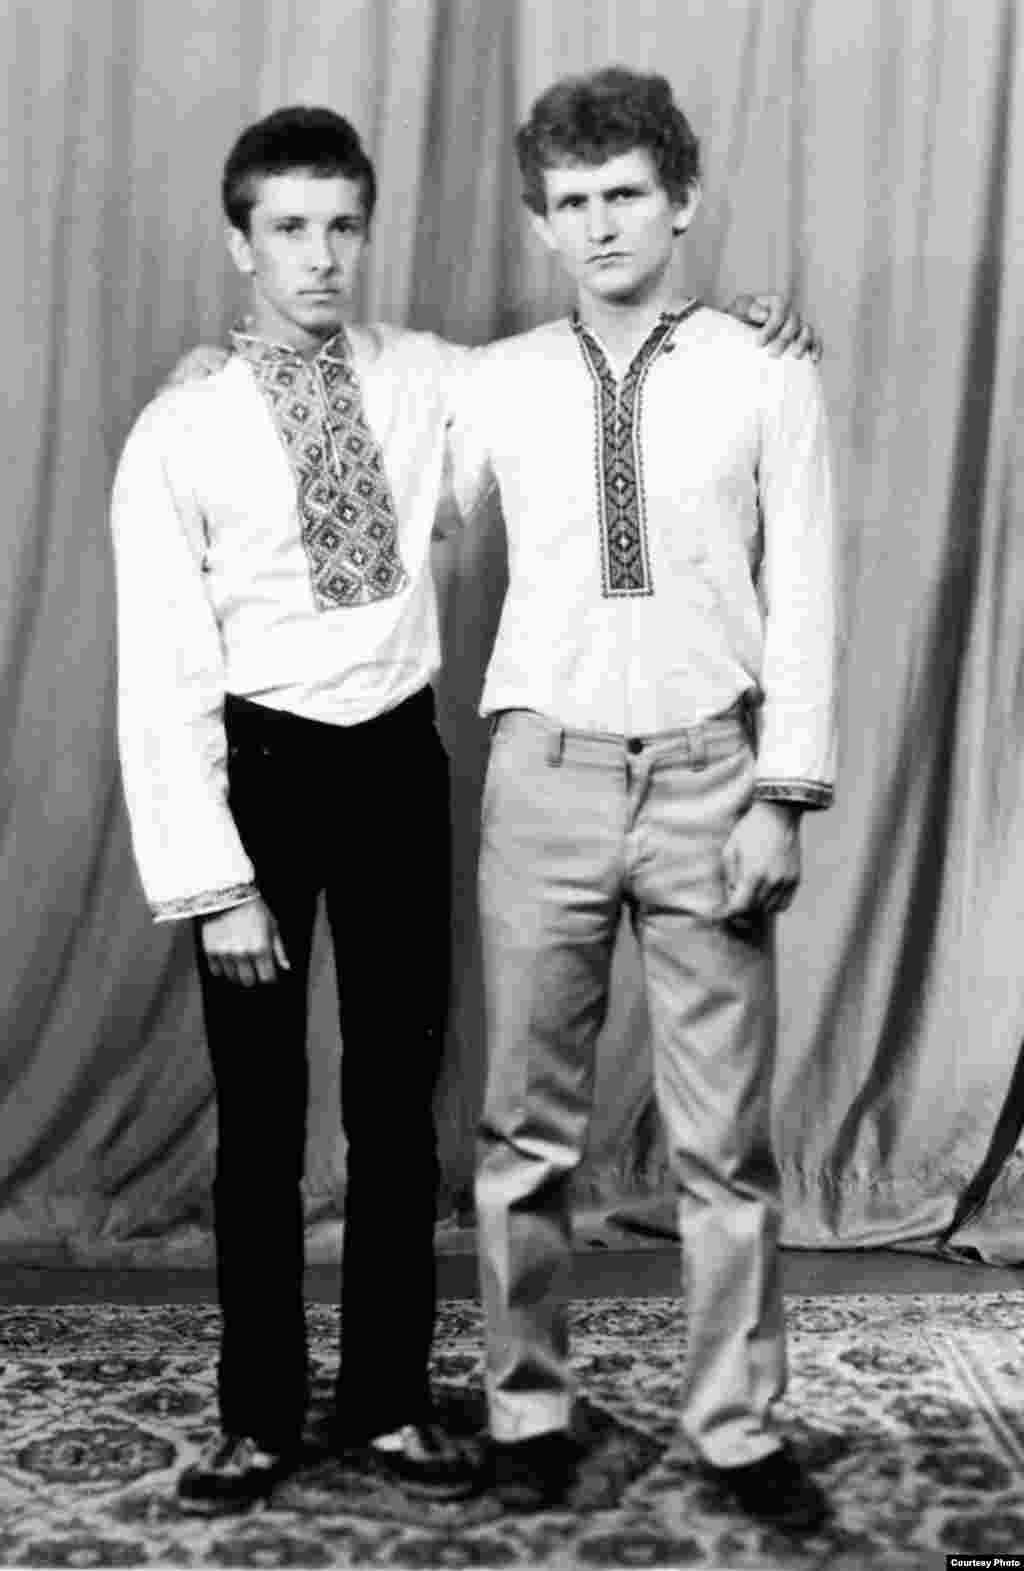 Сябры-студэнты Эдуард Акулін і Алесь Бяляцкі. Гомель, 1980 г.